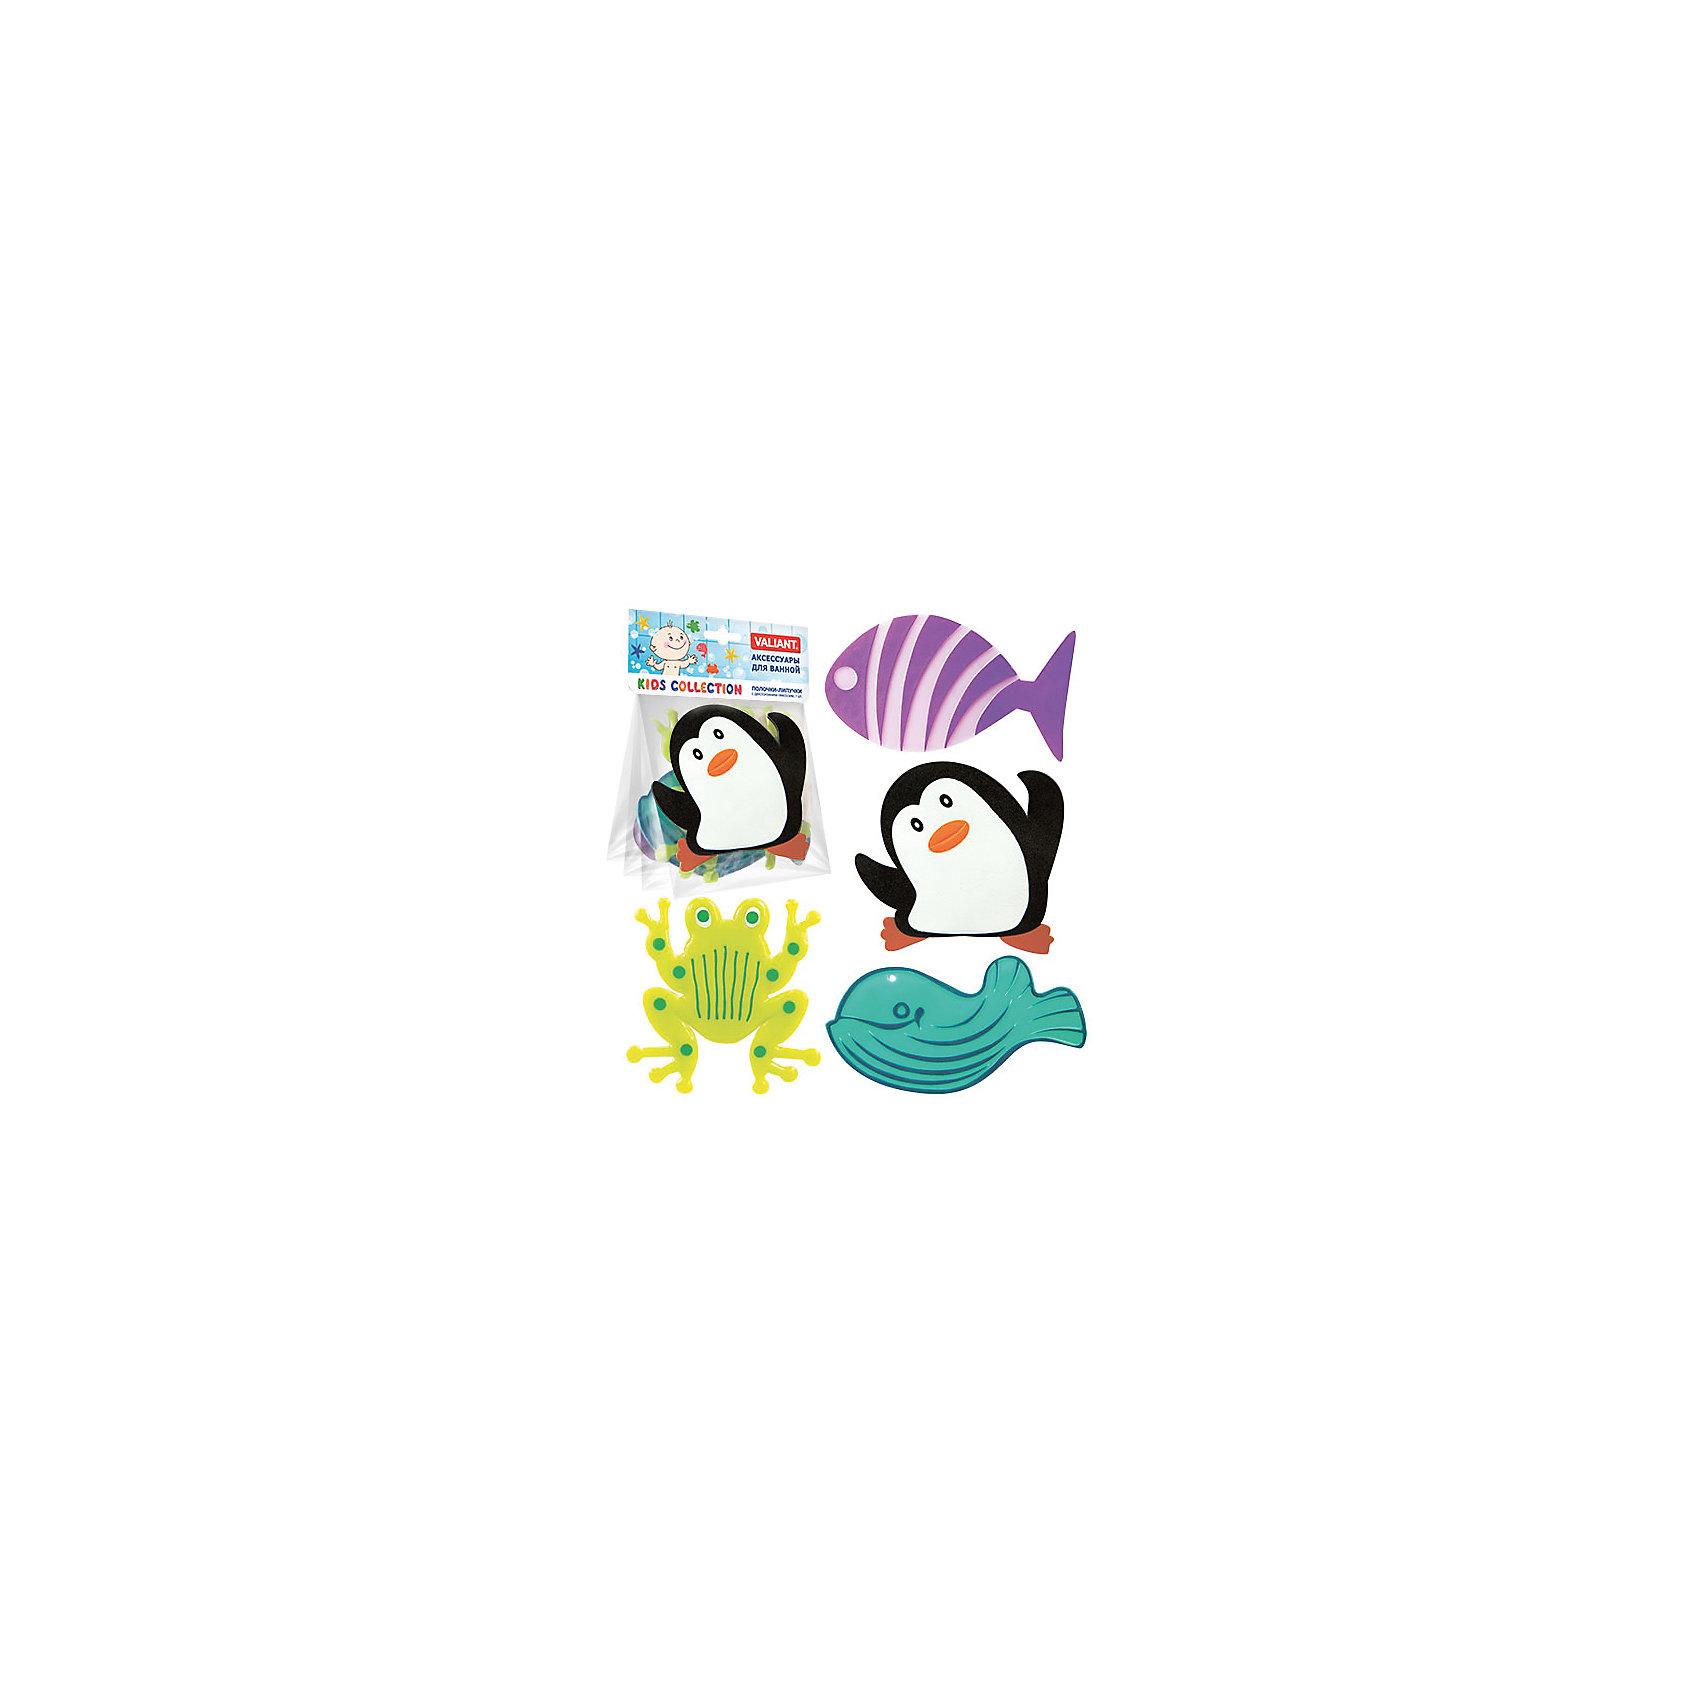 Набор ковриков Морская забава на присосках (4 шт)Ванная комната<br>Мини-коврики для ванной комнаты - это яркое дополнение к купанию малыша. Это и игра и развитие моторики и изучение зверушек. <br>Колоссальный и постоянно растущий спрос на них обусловлен реакцией малышей и их мам на данное изобретение по всему миру.<br>Мини-коврики снабжены присосками и превосходно клеятся на влажный кафель.<br><br>Ширина мм: 150<br>Глубина мм: 20<br>Высота мм: 190<br>Вес г: 140<br>Возраст от месяцев: -2147483648<br>Возраст до месяцев: 2147483647<br>Пол: Унисекс<br>Возраст: Детский<br>SKU: 4563418